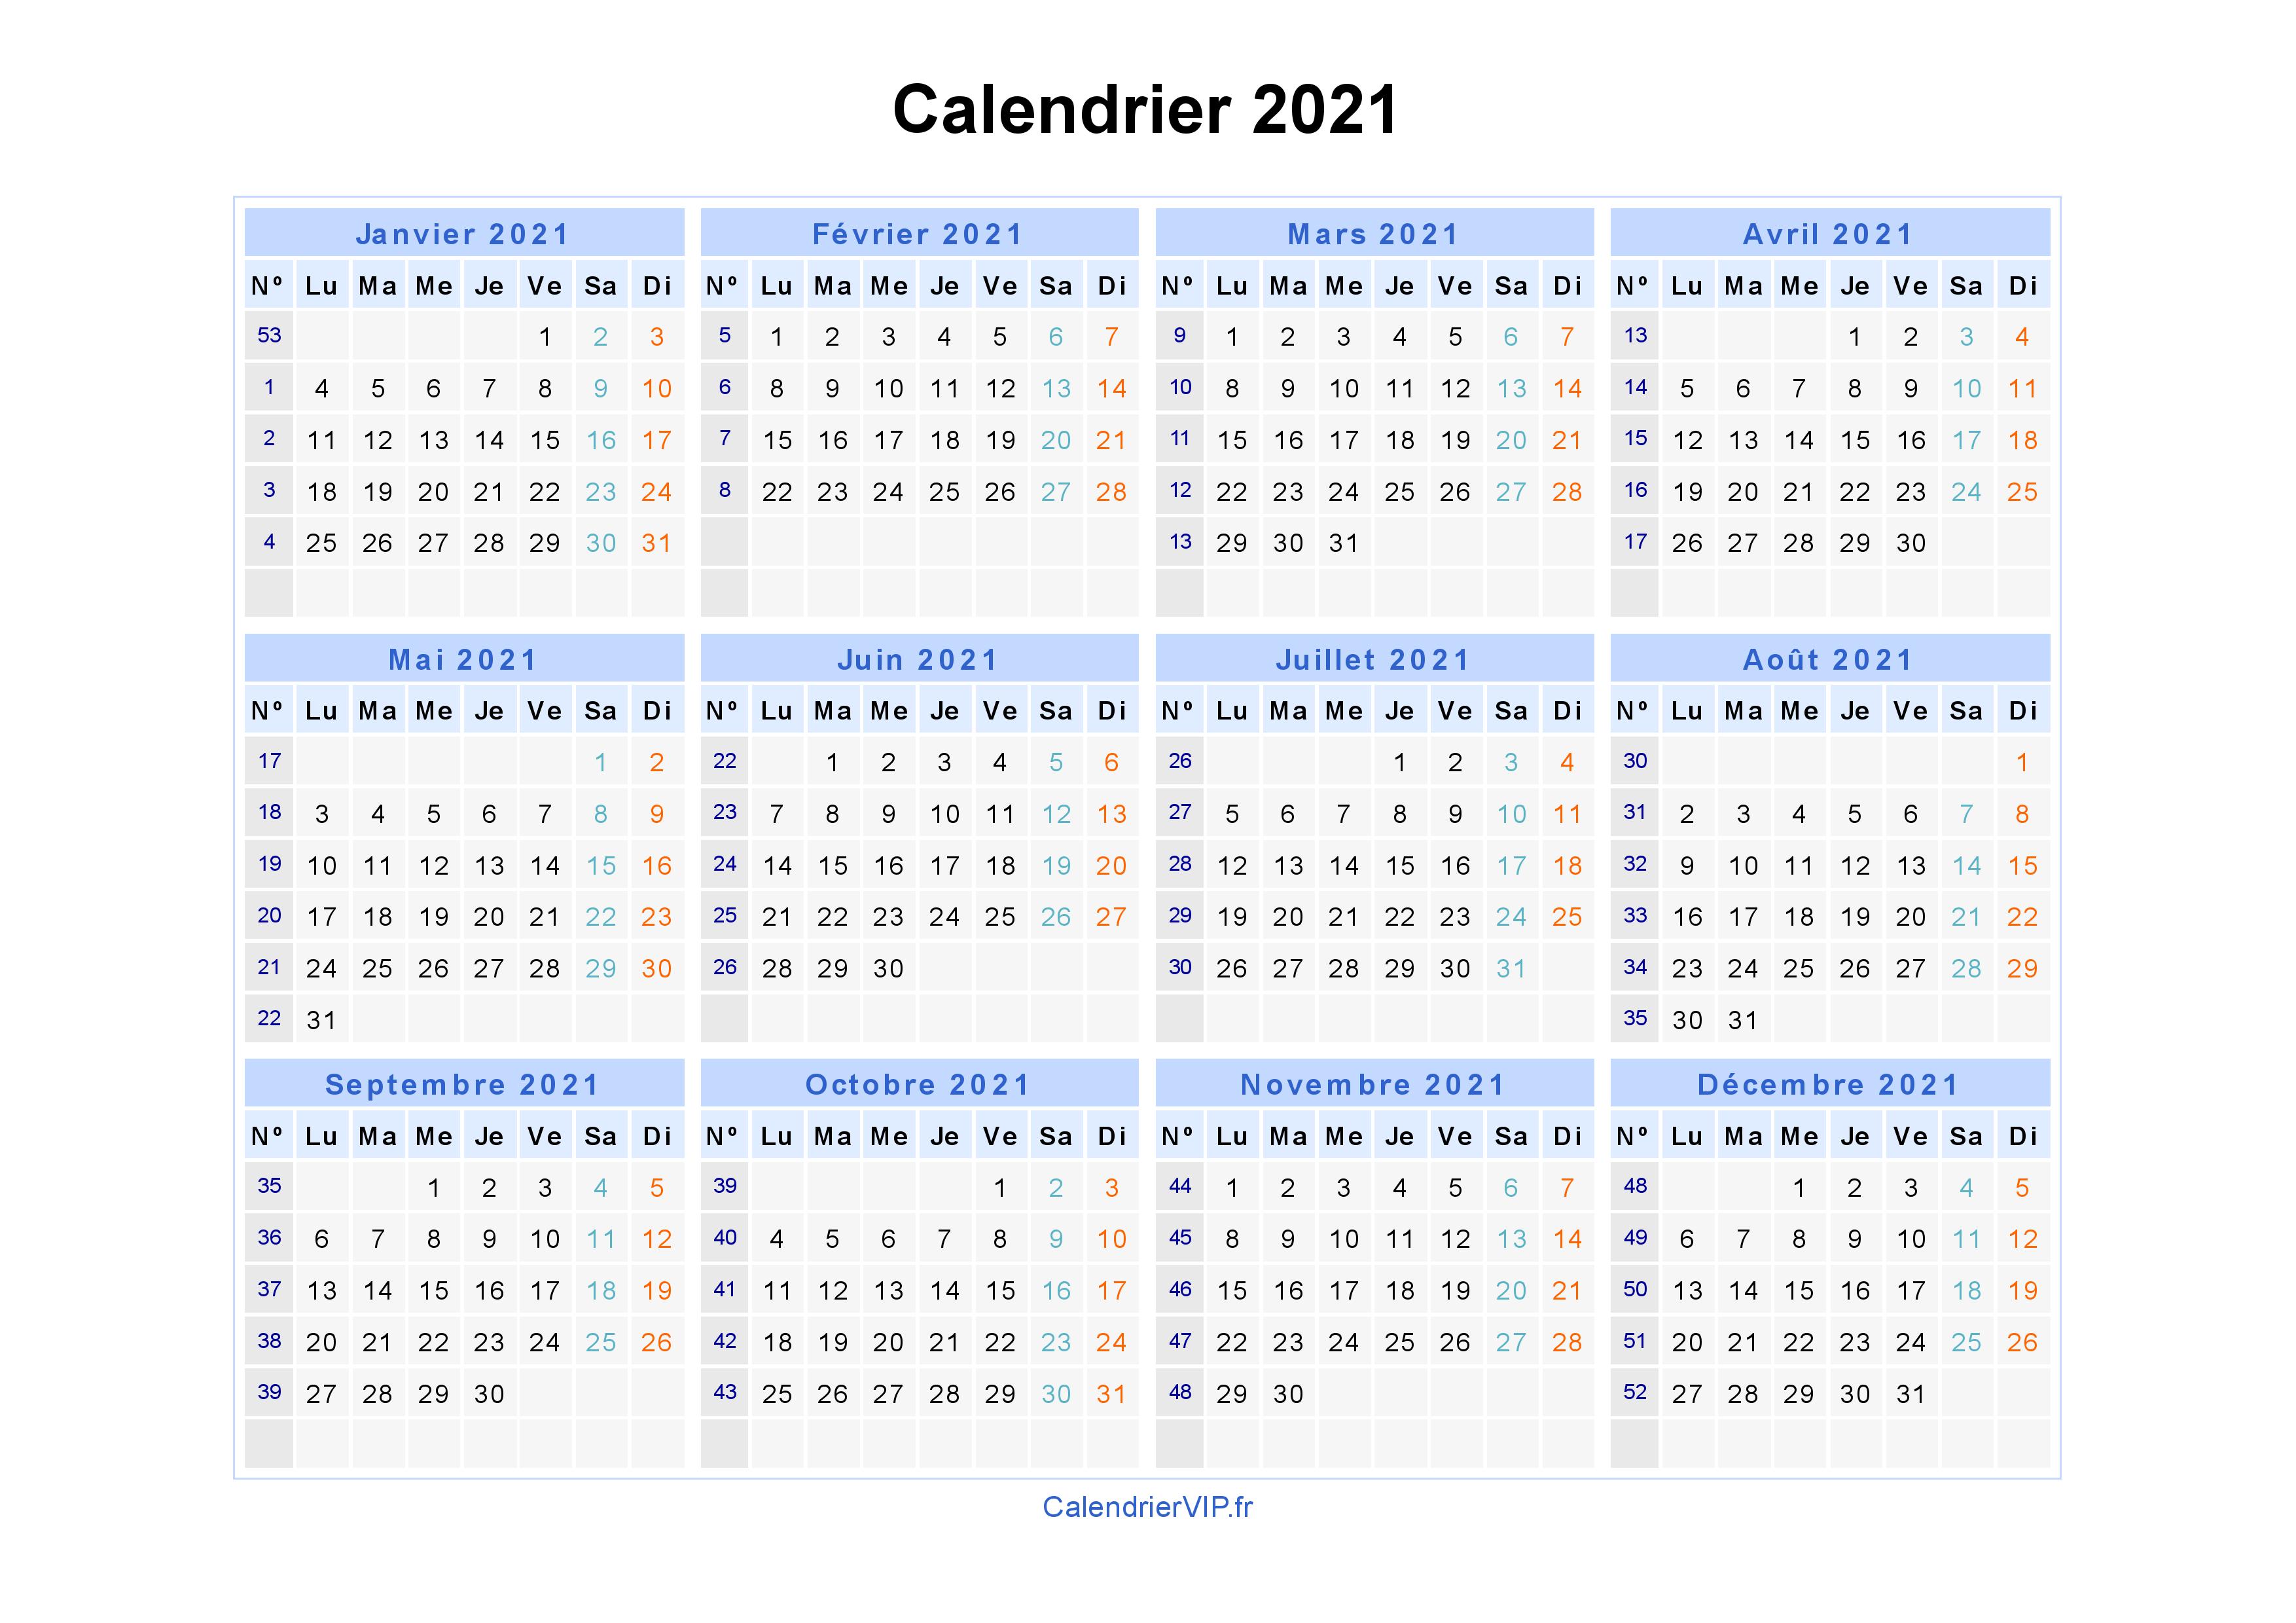 Calendrier 2021 Gratuit.Calendrier 2021 A Imprimer Gratuit En Pdf Et Excel